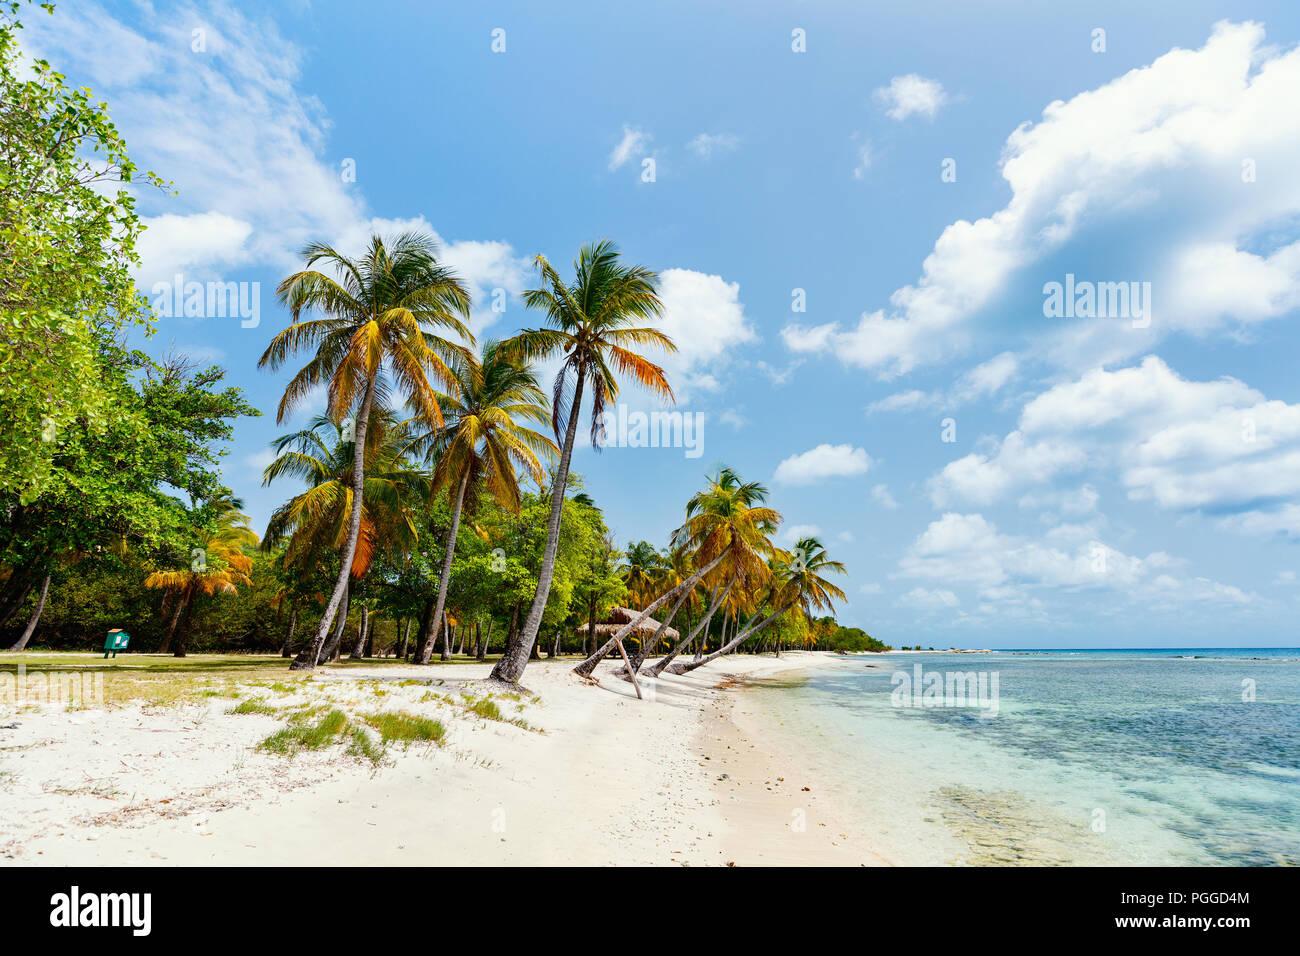 Idyllischen tropischen Strand mit weissem Sand, Palmen und das türkisblaue Karibische Meer Wasser auf Mustique Island St. Vincent und die Grenadinen Stockbild